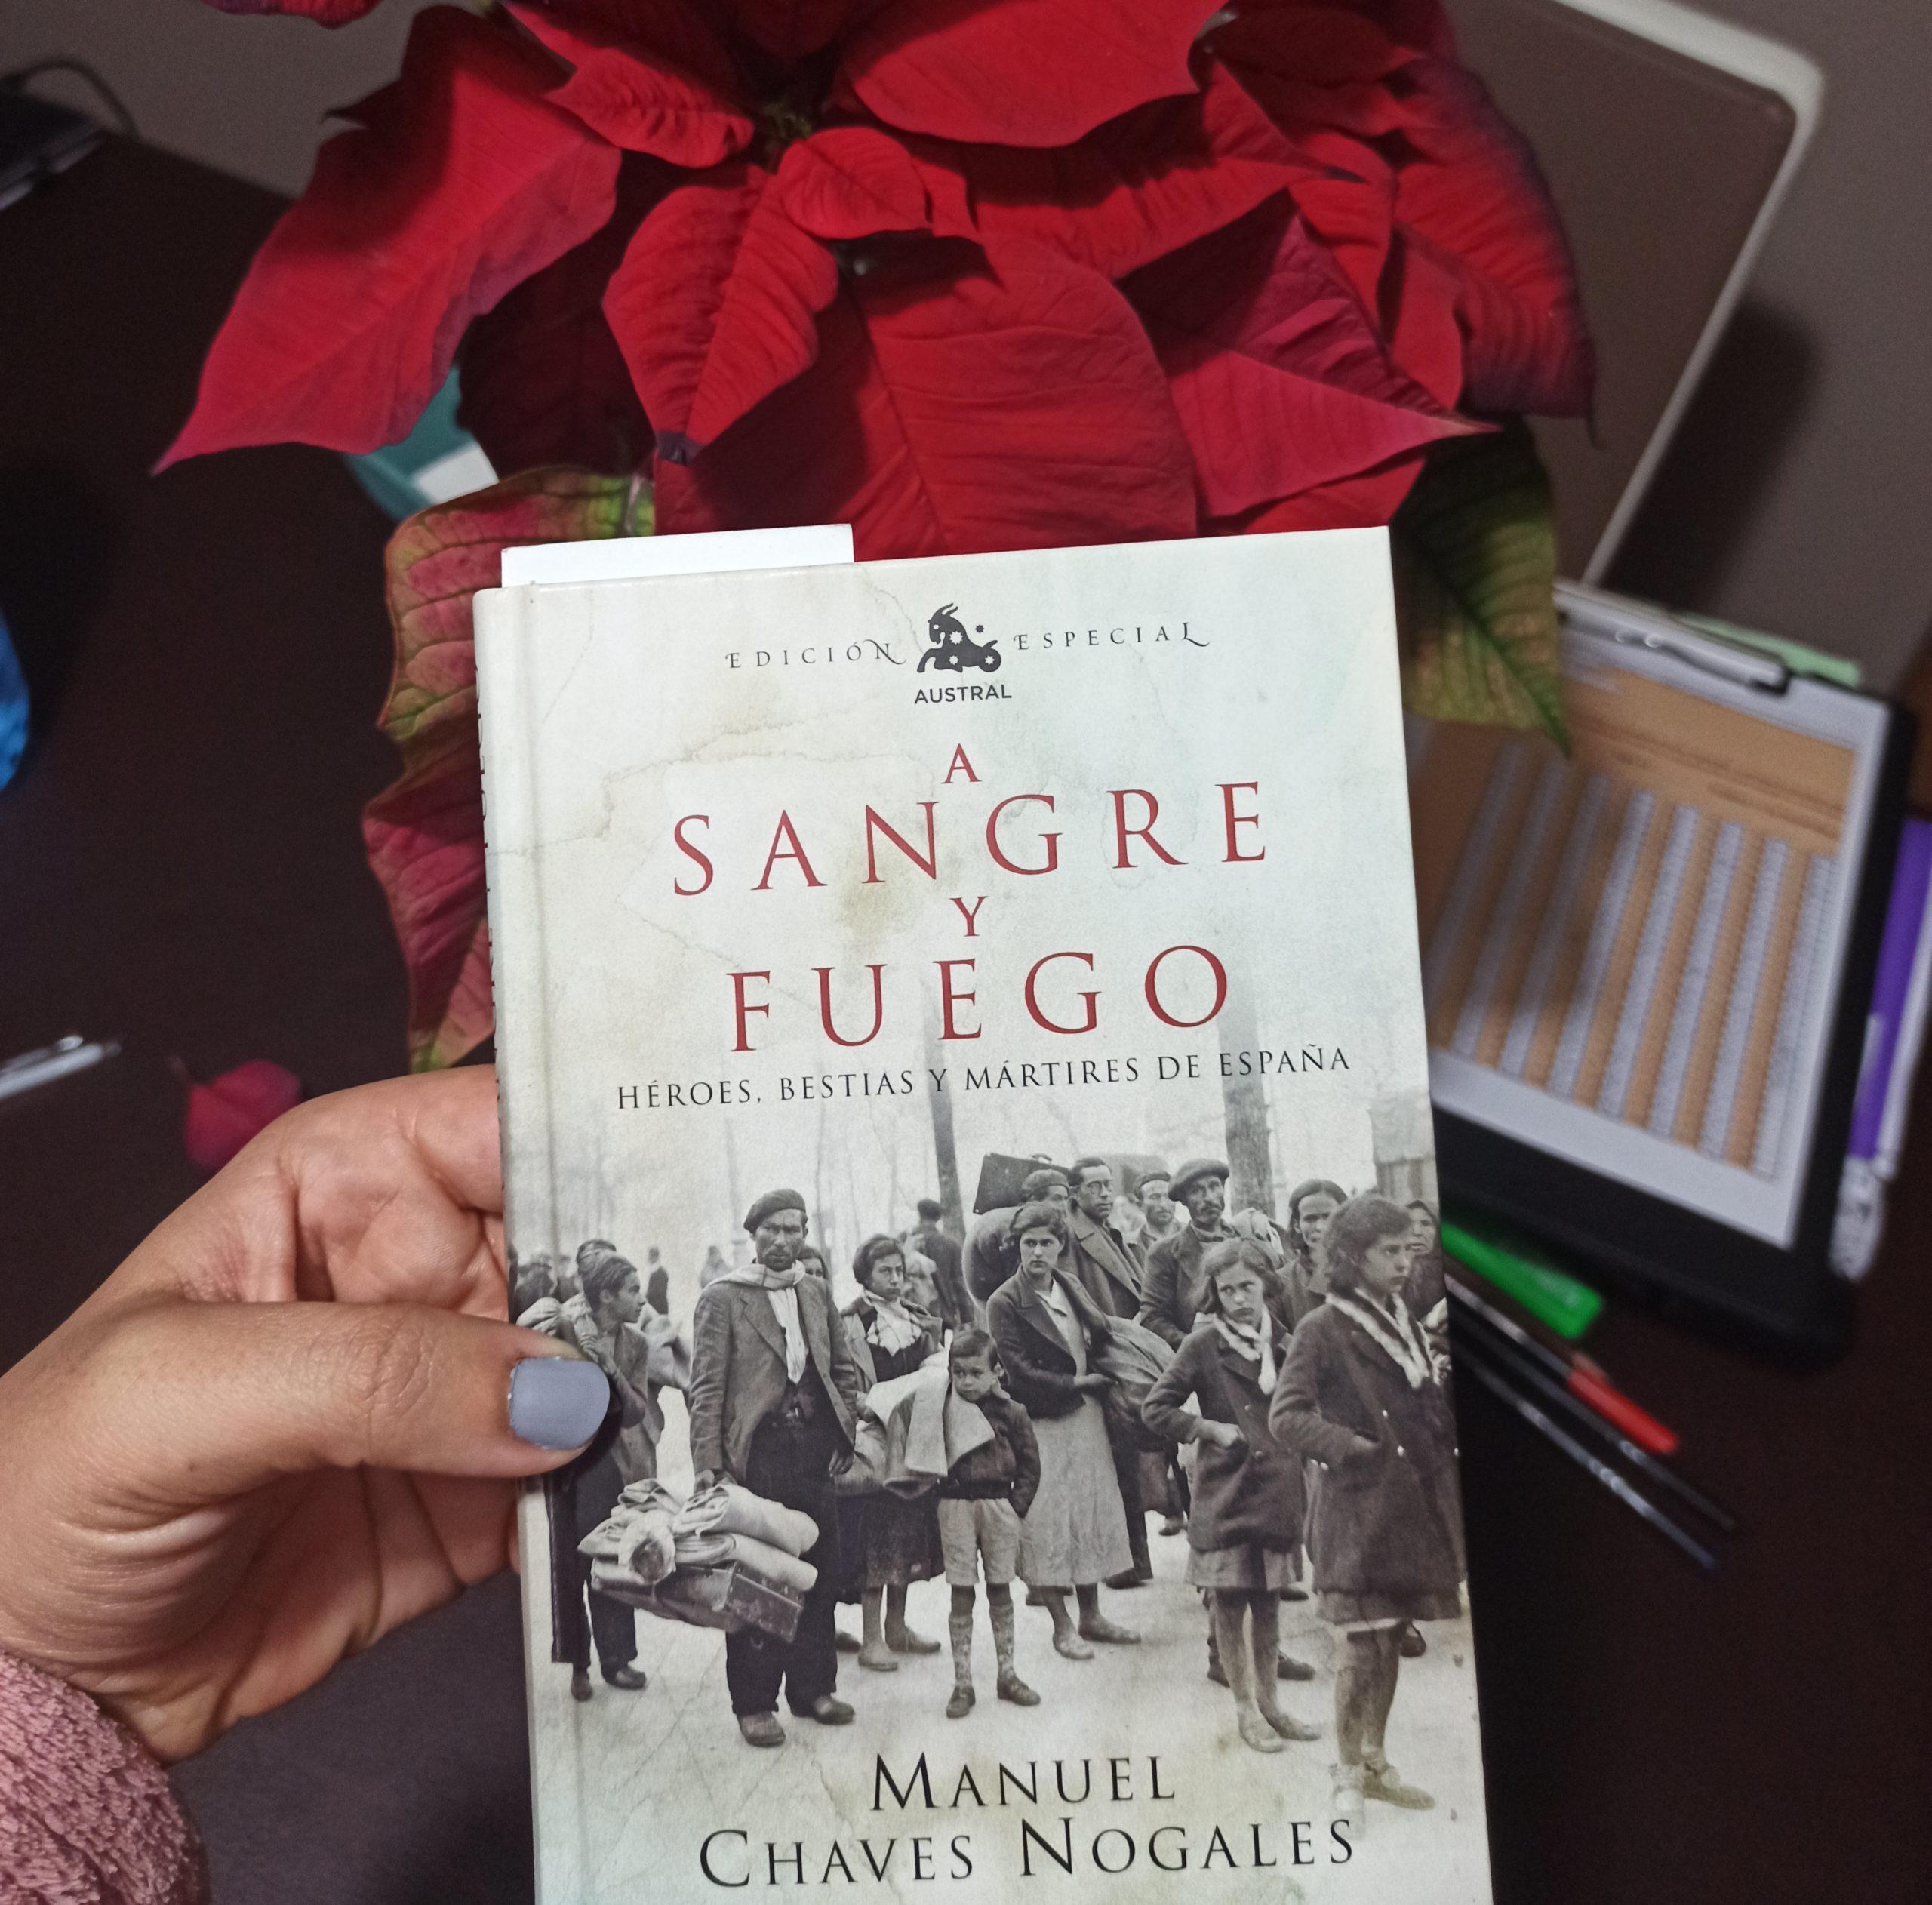 SANGRE Y FUEGO, de Manuel Chaves Nogales